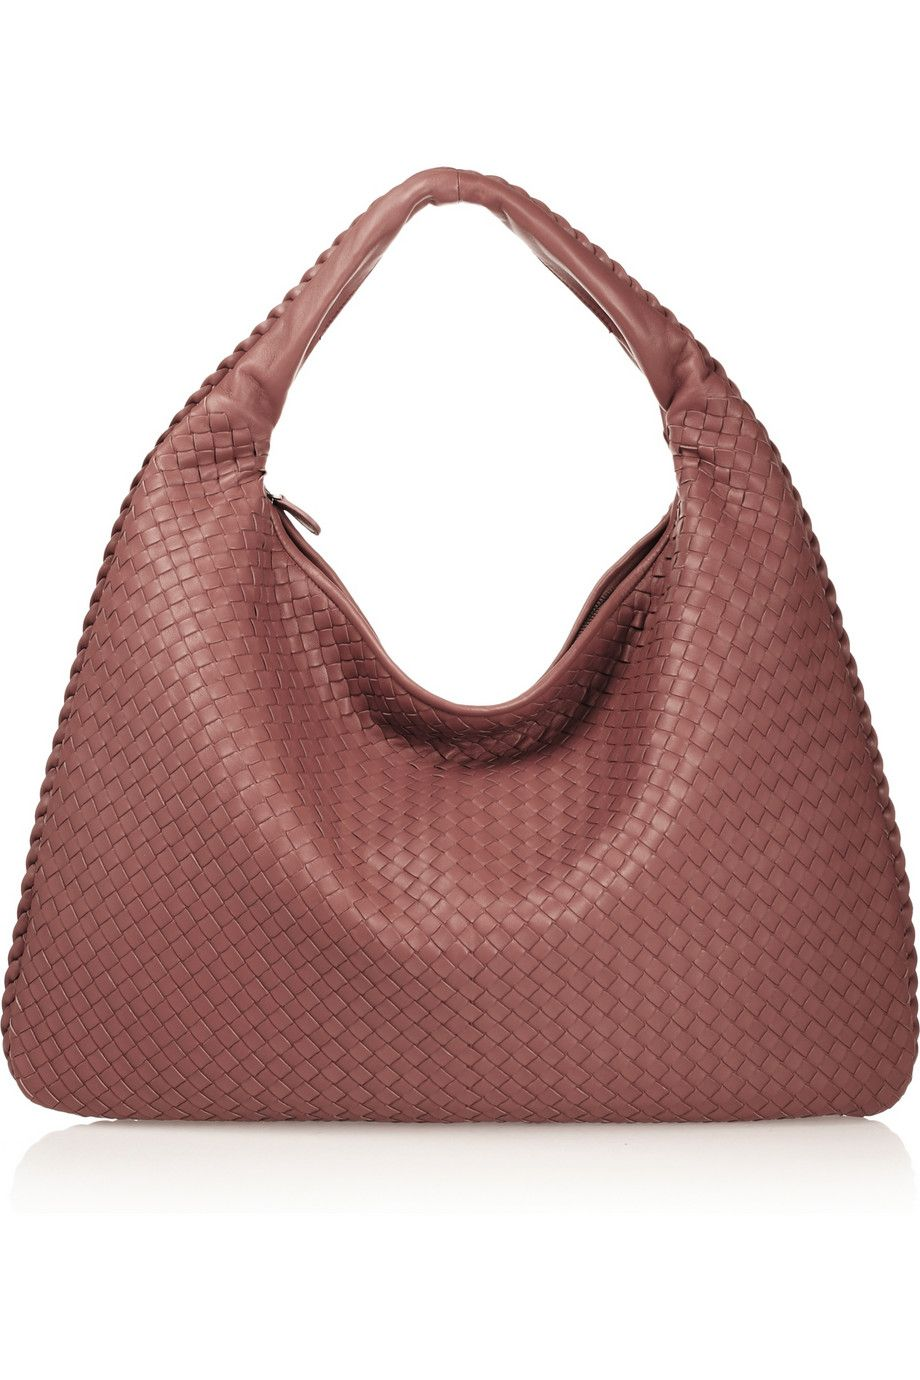 8bec7f4360d Bottega Veneta   Maxi Veneta intrecciato leather shoulder bag   NET-A -PORTER.COM